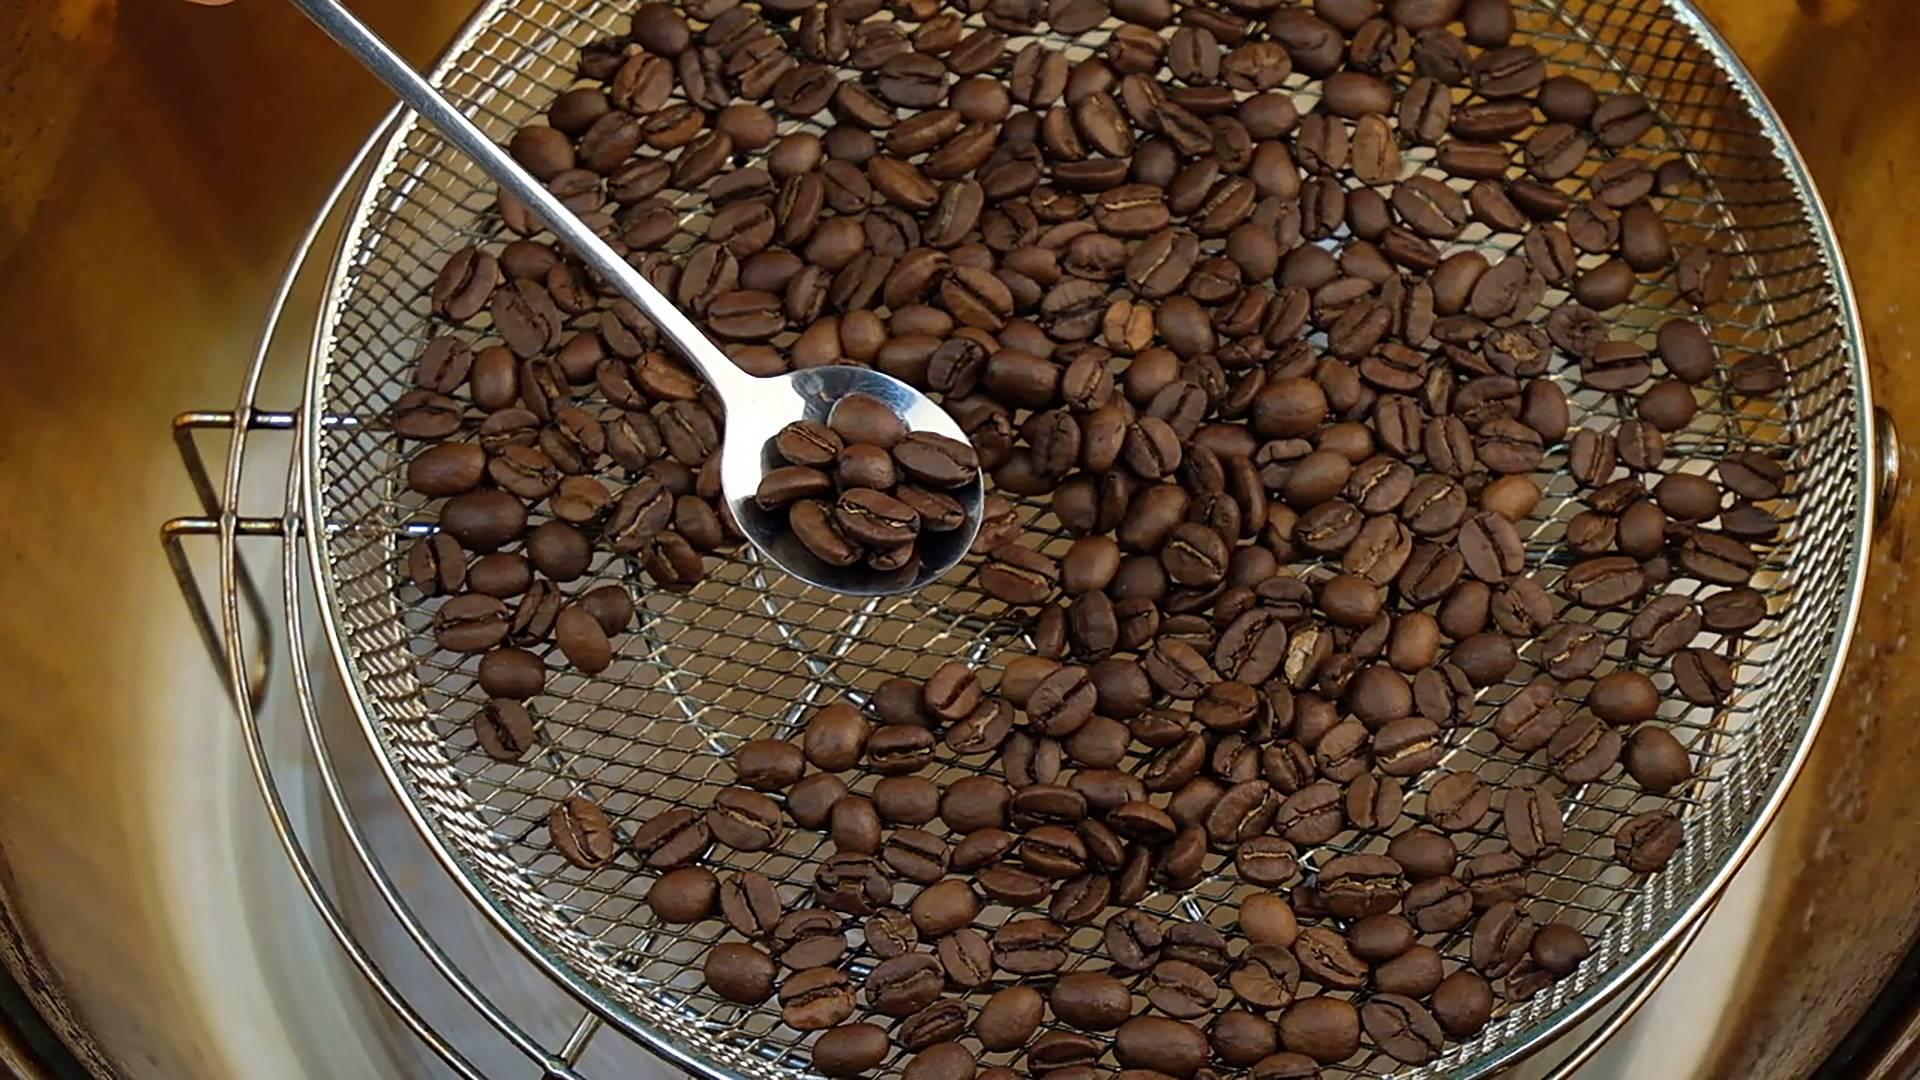 Какой кофе полезнее - молотый или растворимый: состав, содержание кофеина, вредные вещества